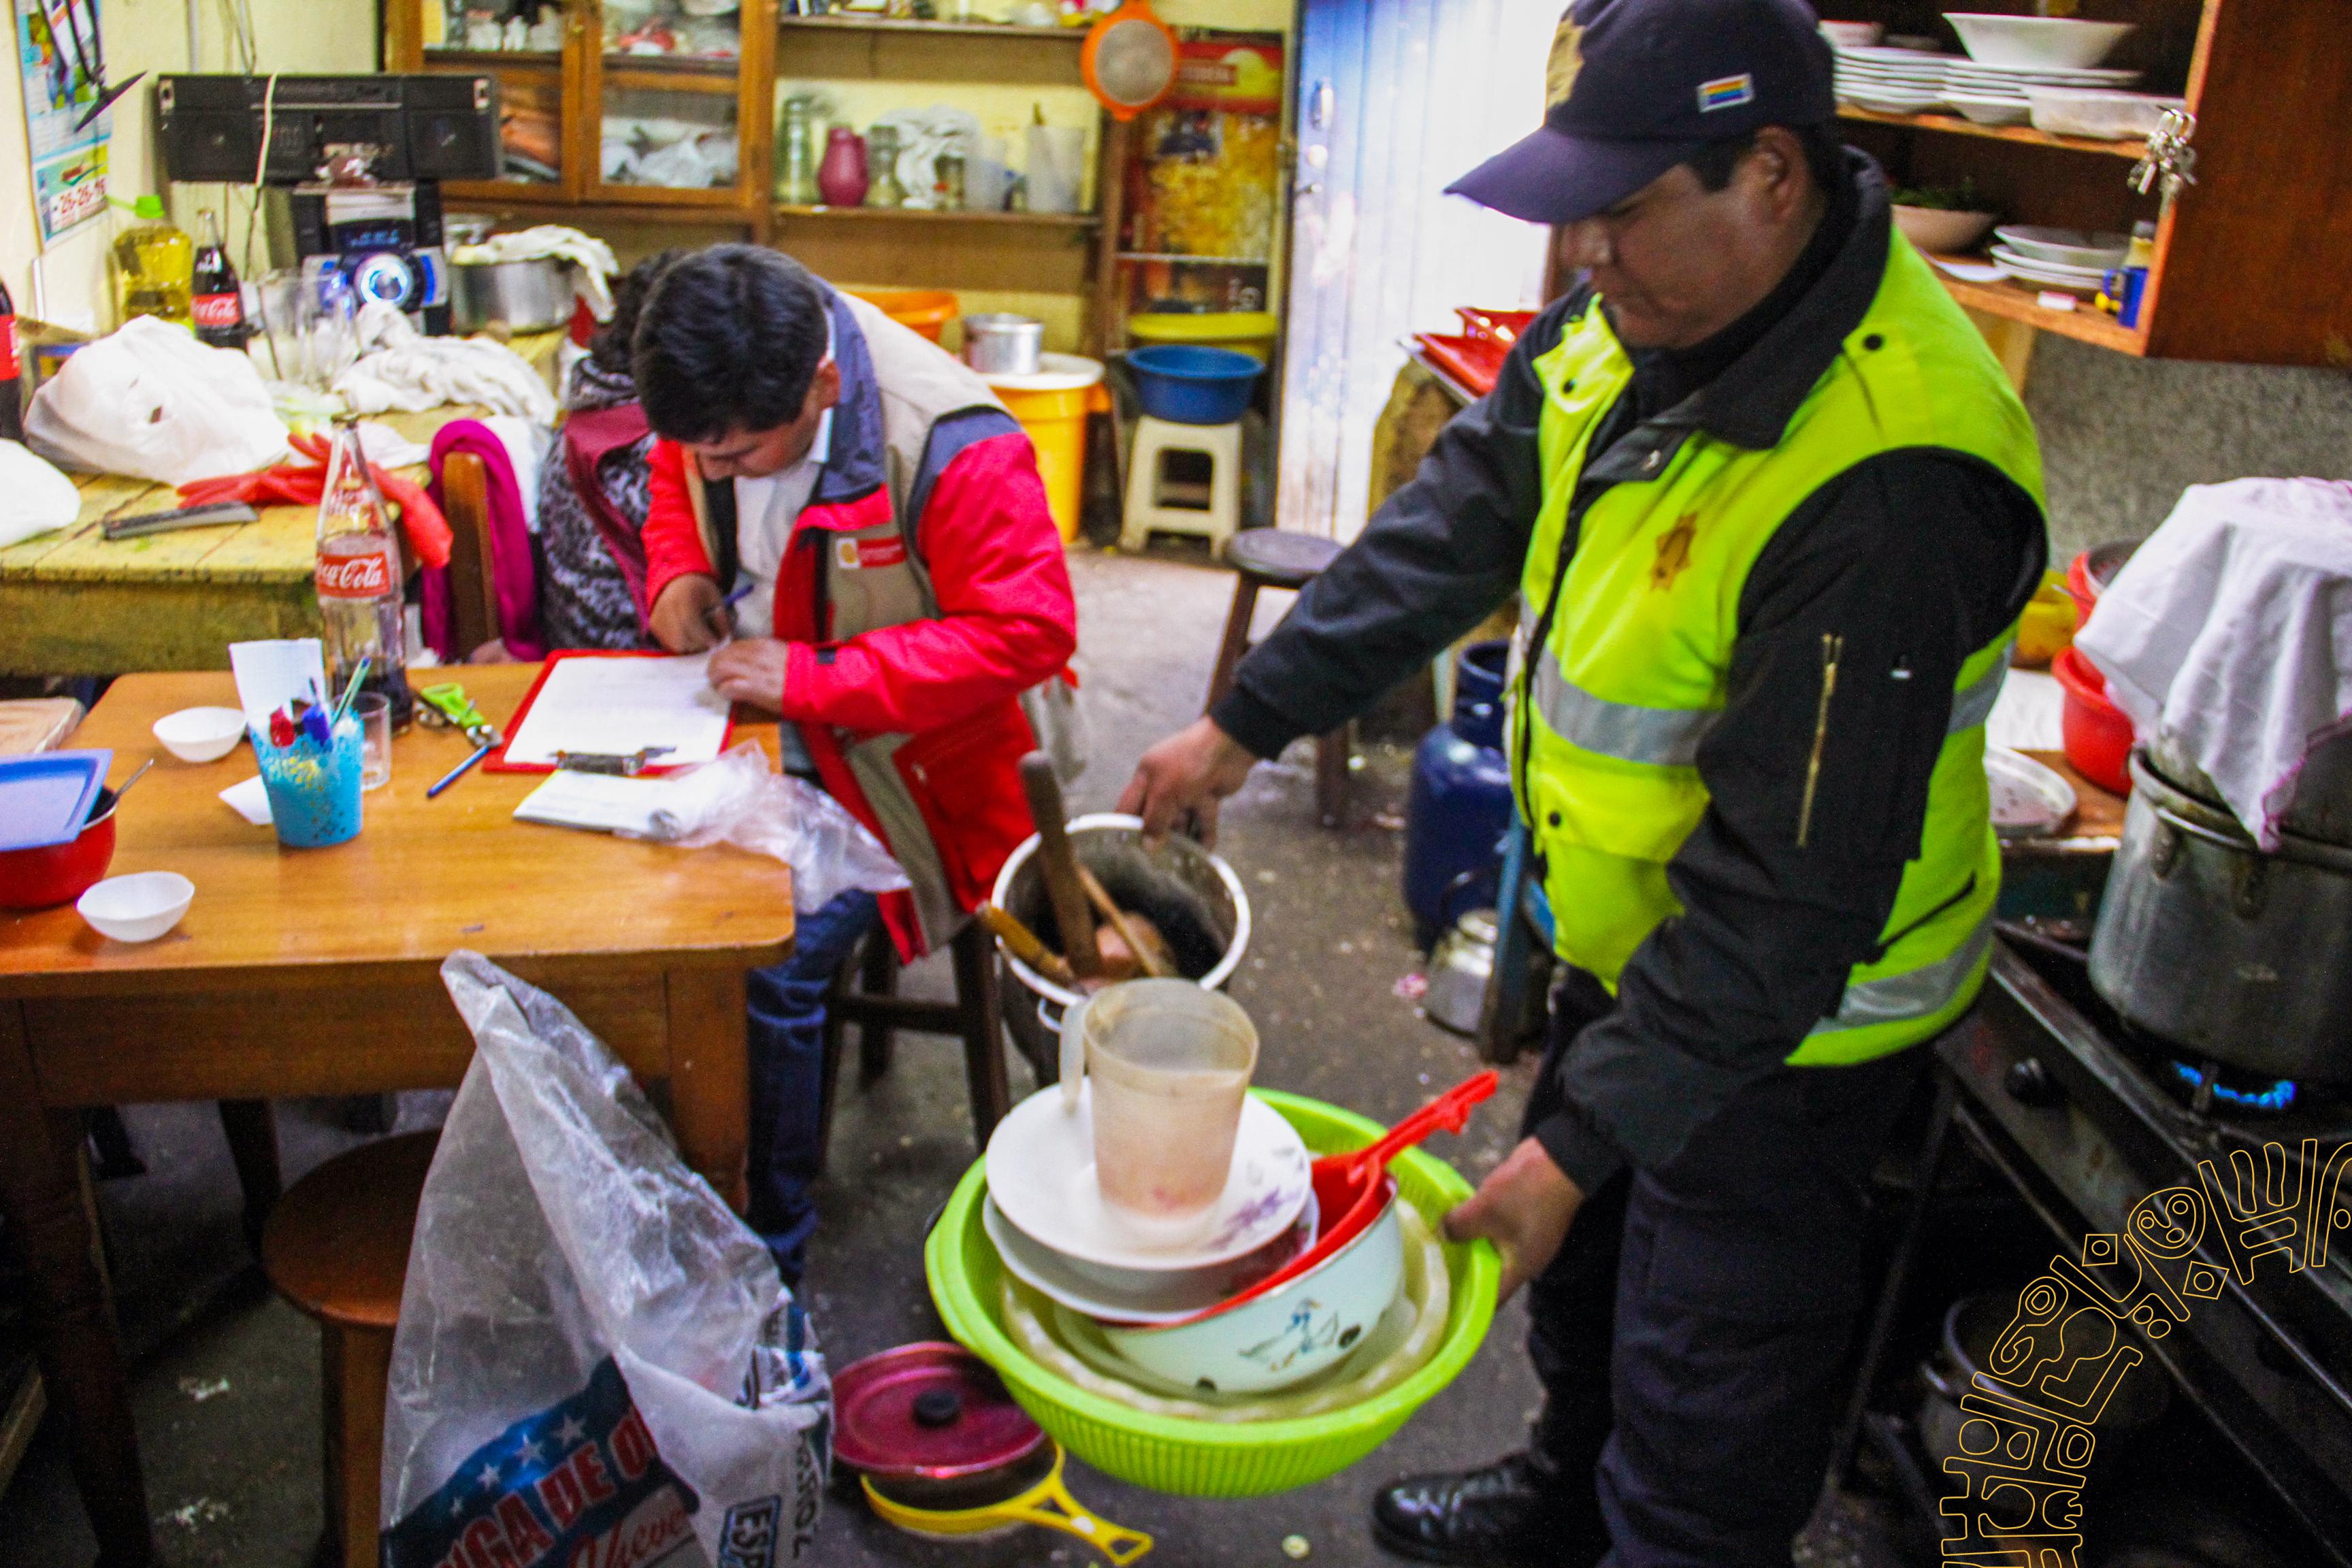 MUNICIPALIDAD DEL CUSCO  REALIZA OPERATIVO  INOPINADO A PICANTERIAS  Y CHICHERIAS EN EL DISTRITO DEL CUSCO